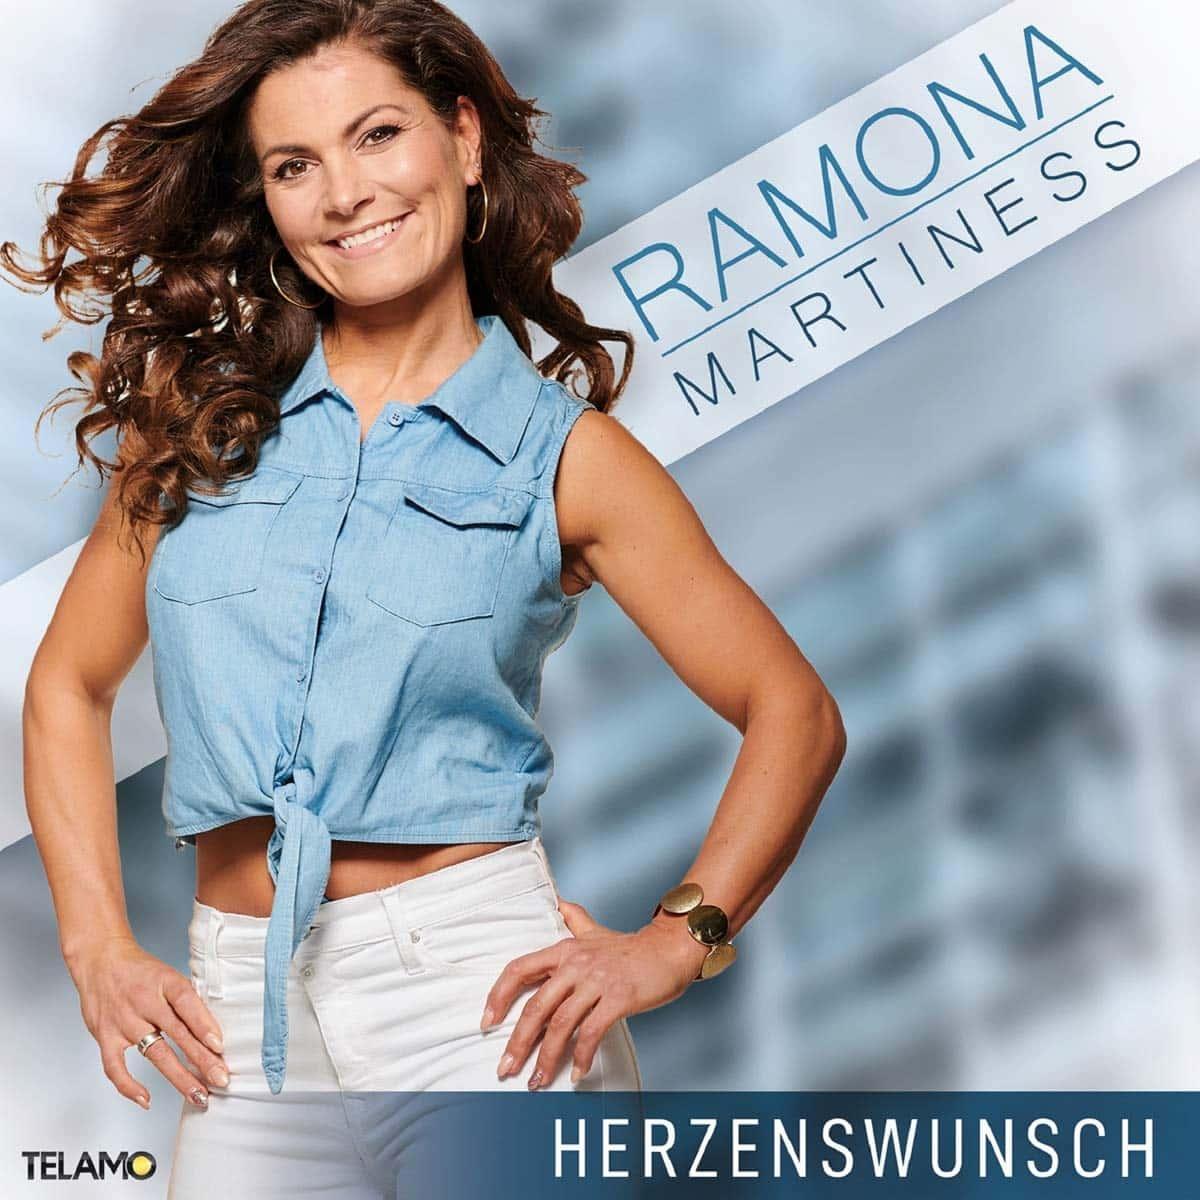 Ramona Martiness CD Herzenswunsch 2021